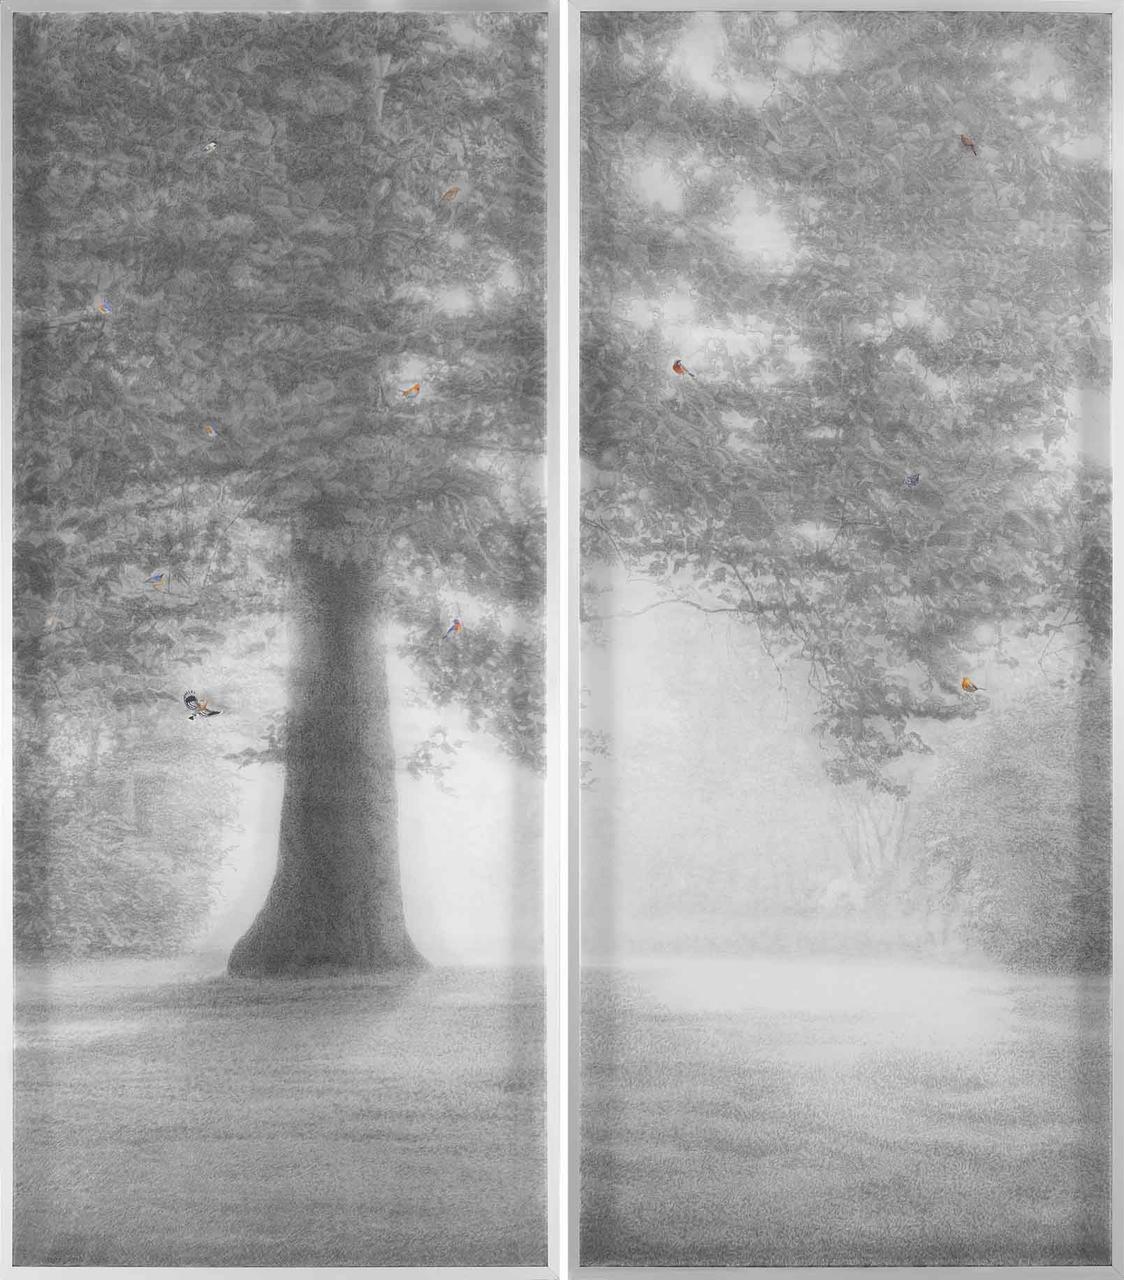 Light, diptych, 213 x 186 cm, 2015